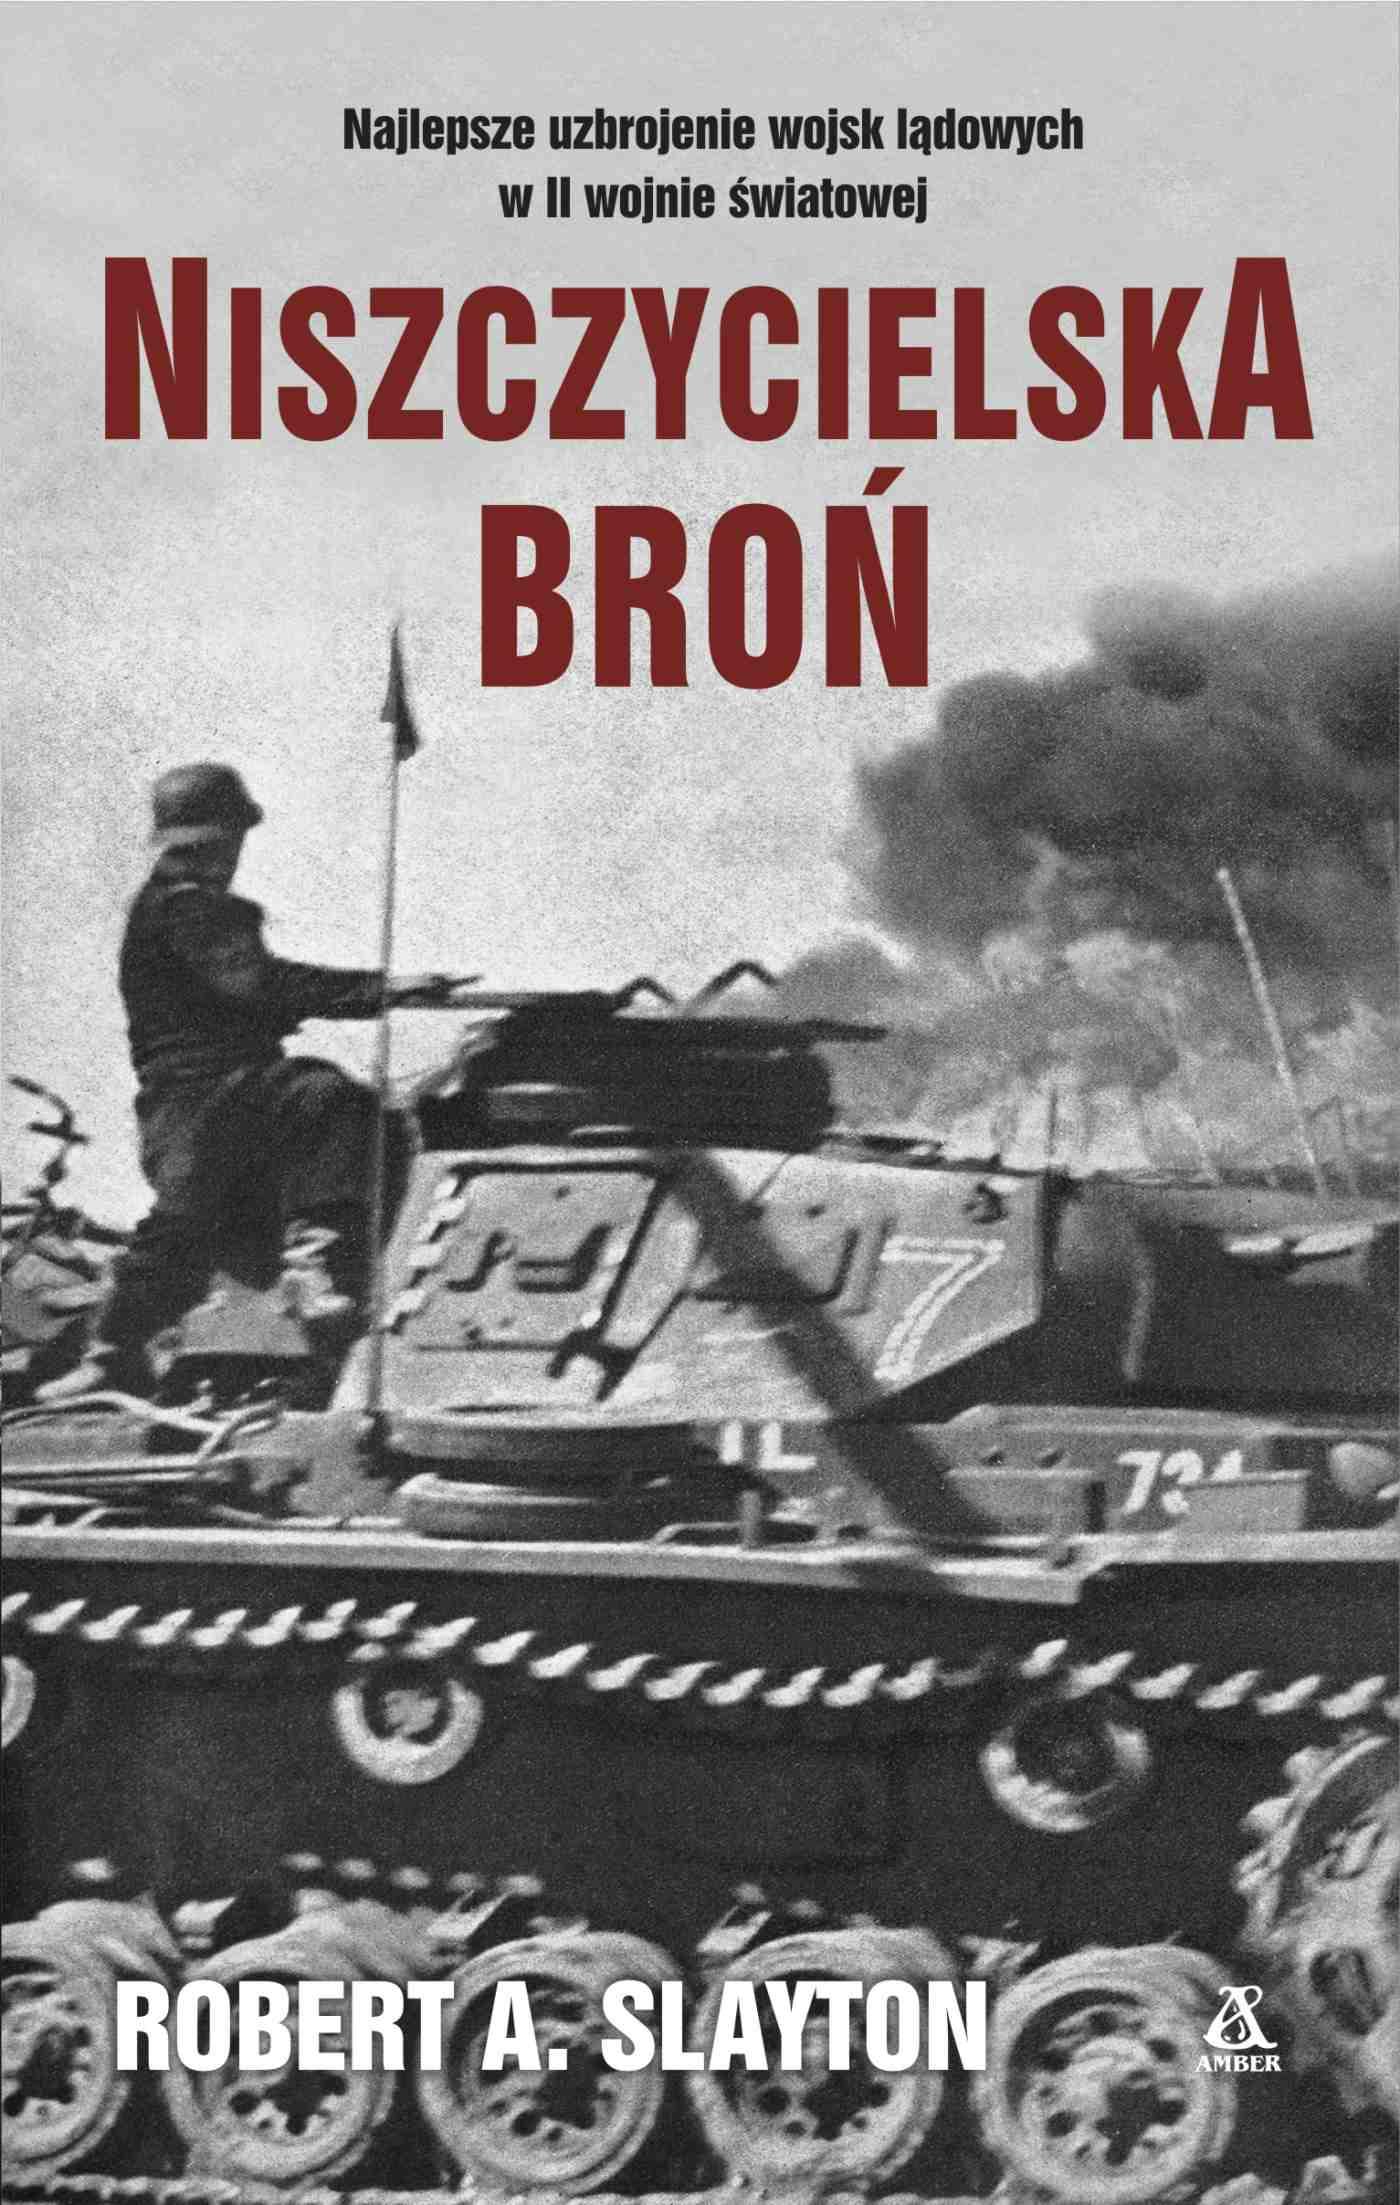 Niszczycielska broń - Ebook (Książka na Kindle) do pobrania w formacie MOBI